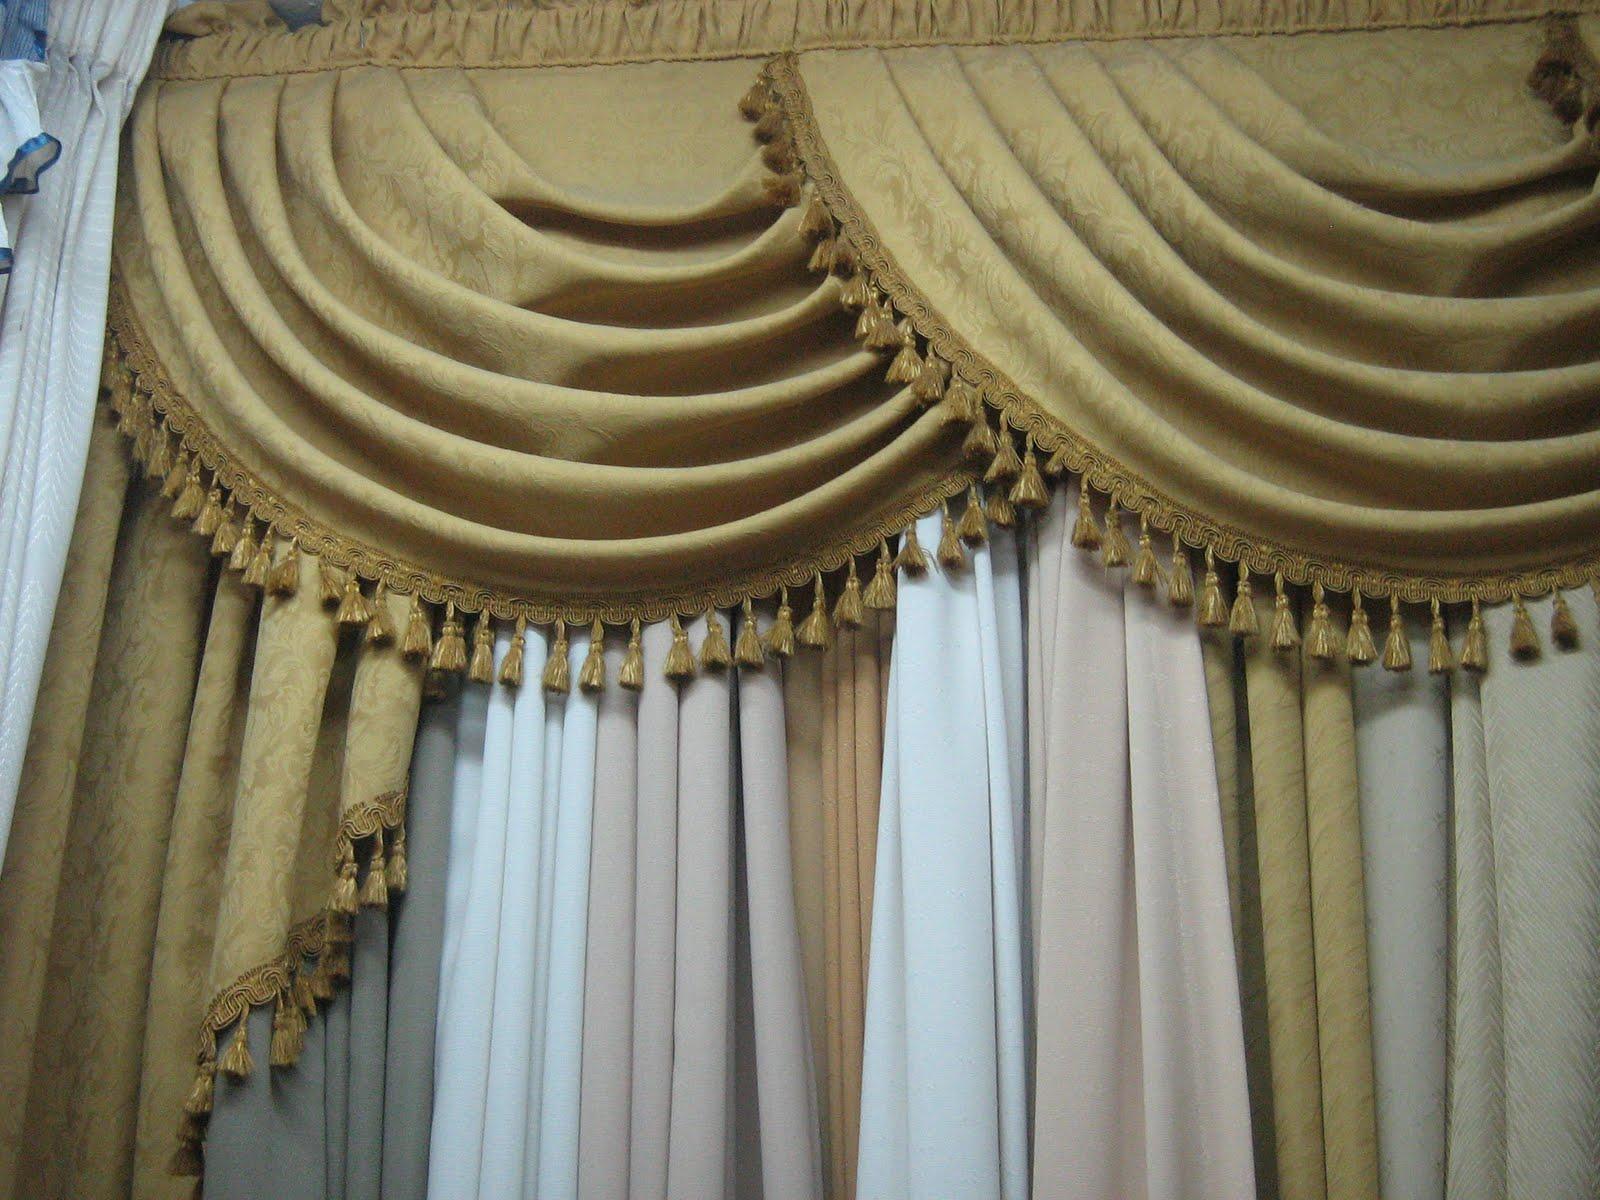 Cortinas para el hogar modelos de cortinas gruesas - Modelos de cortinas infantiles ...